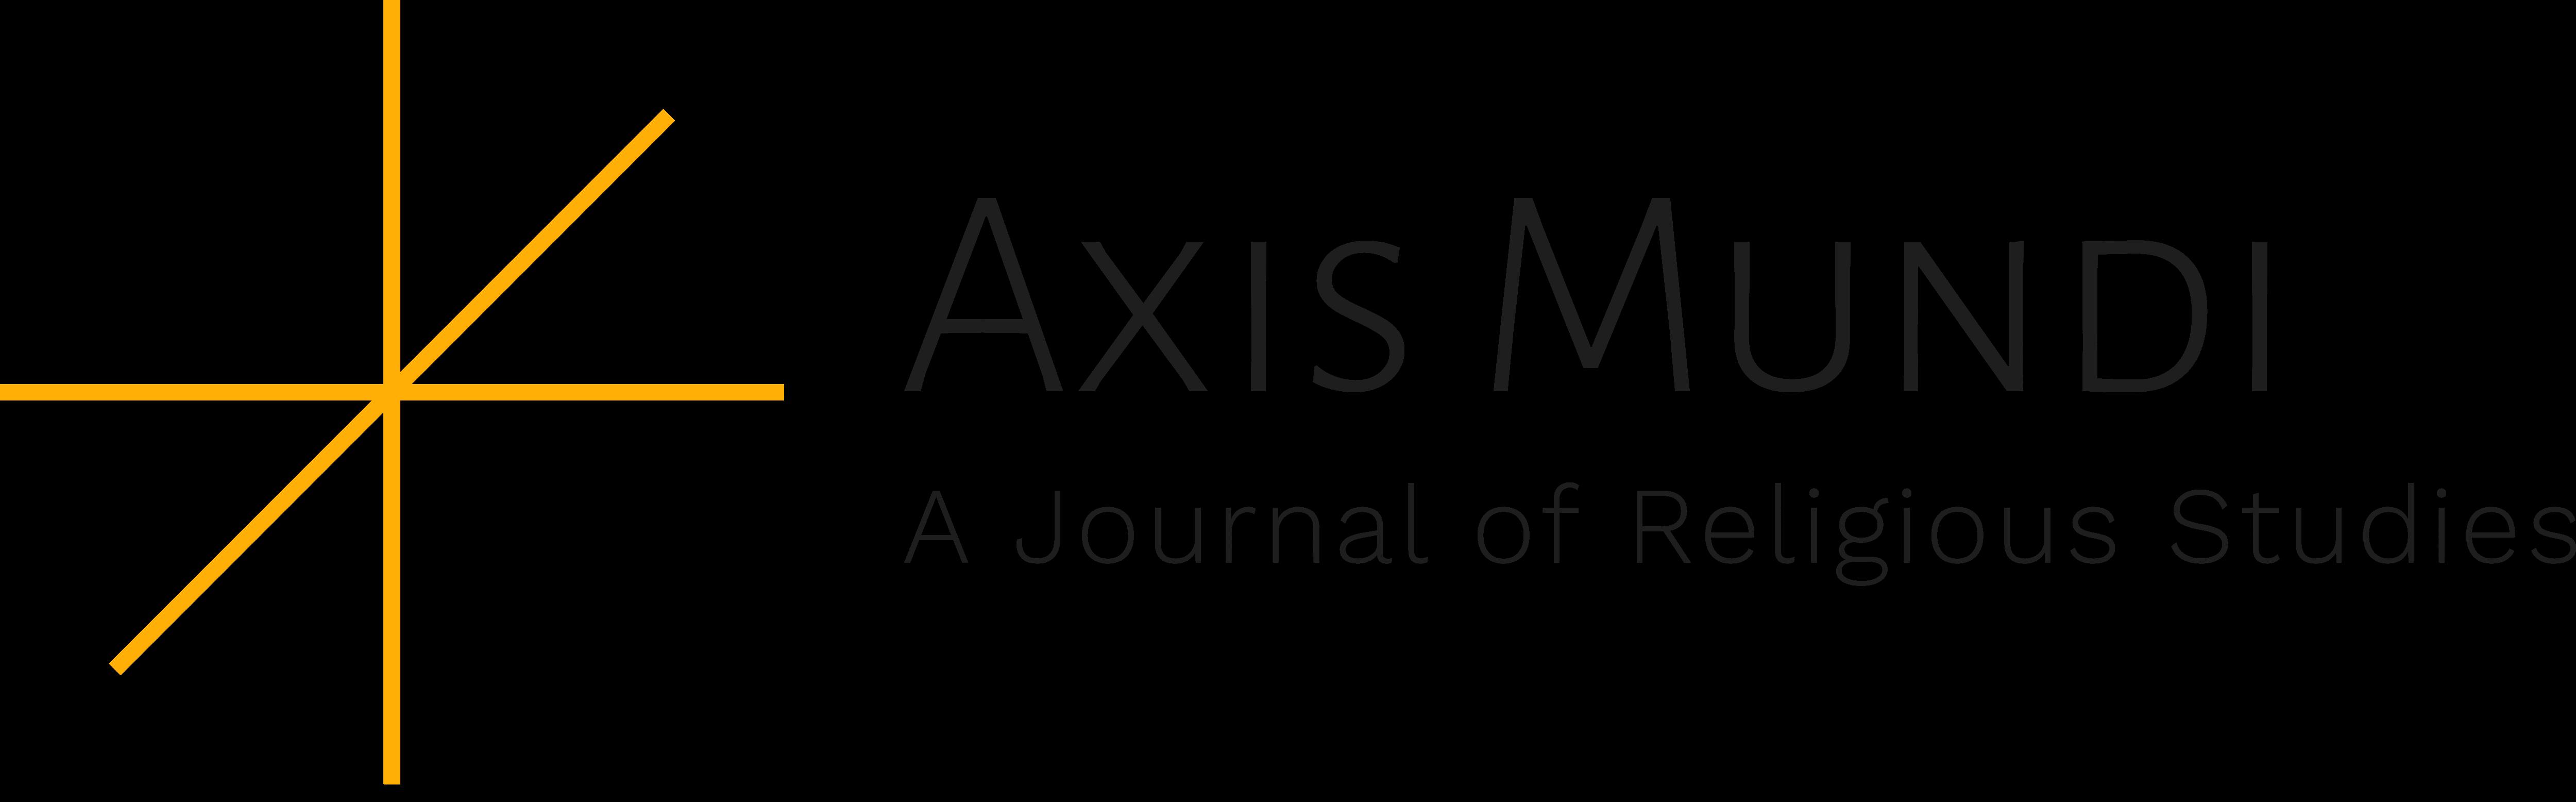 Axis Mundi.